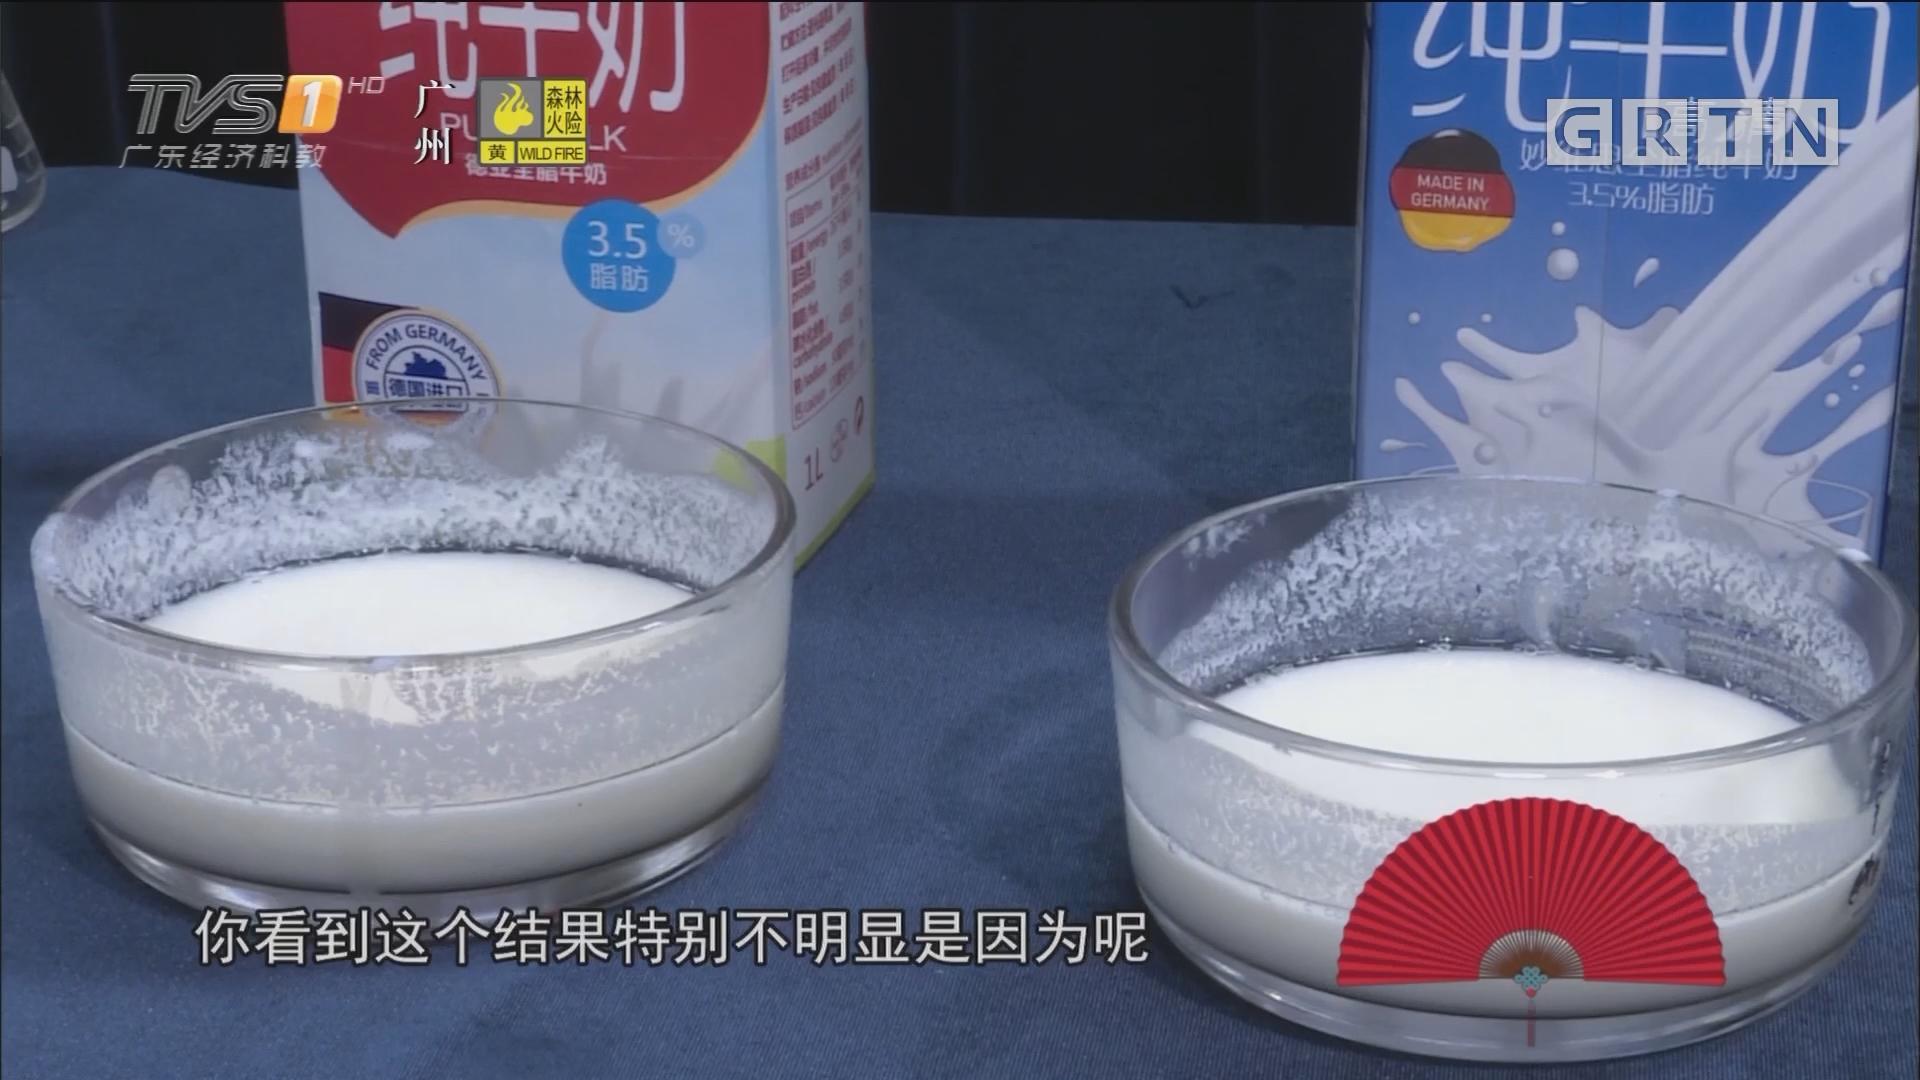 进口牛奶真的比国产牛奶好吗?